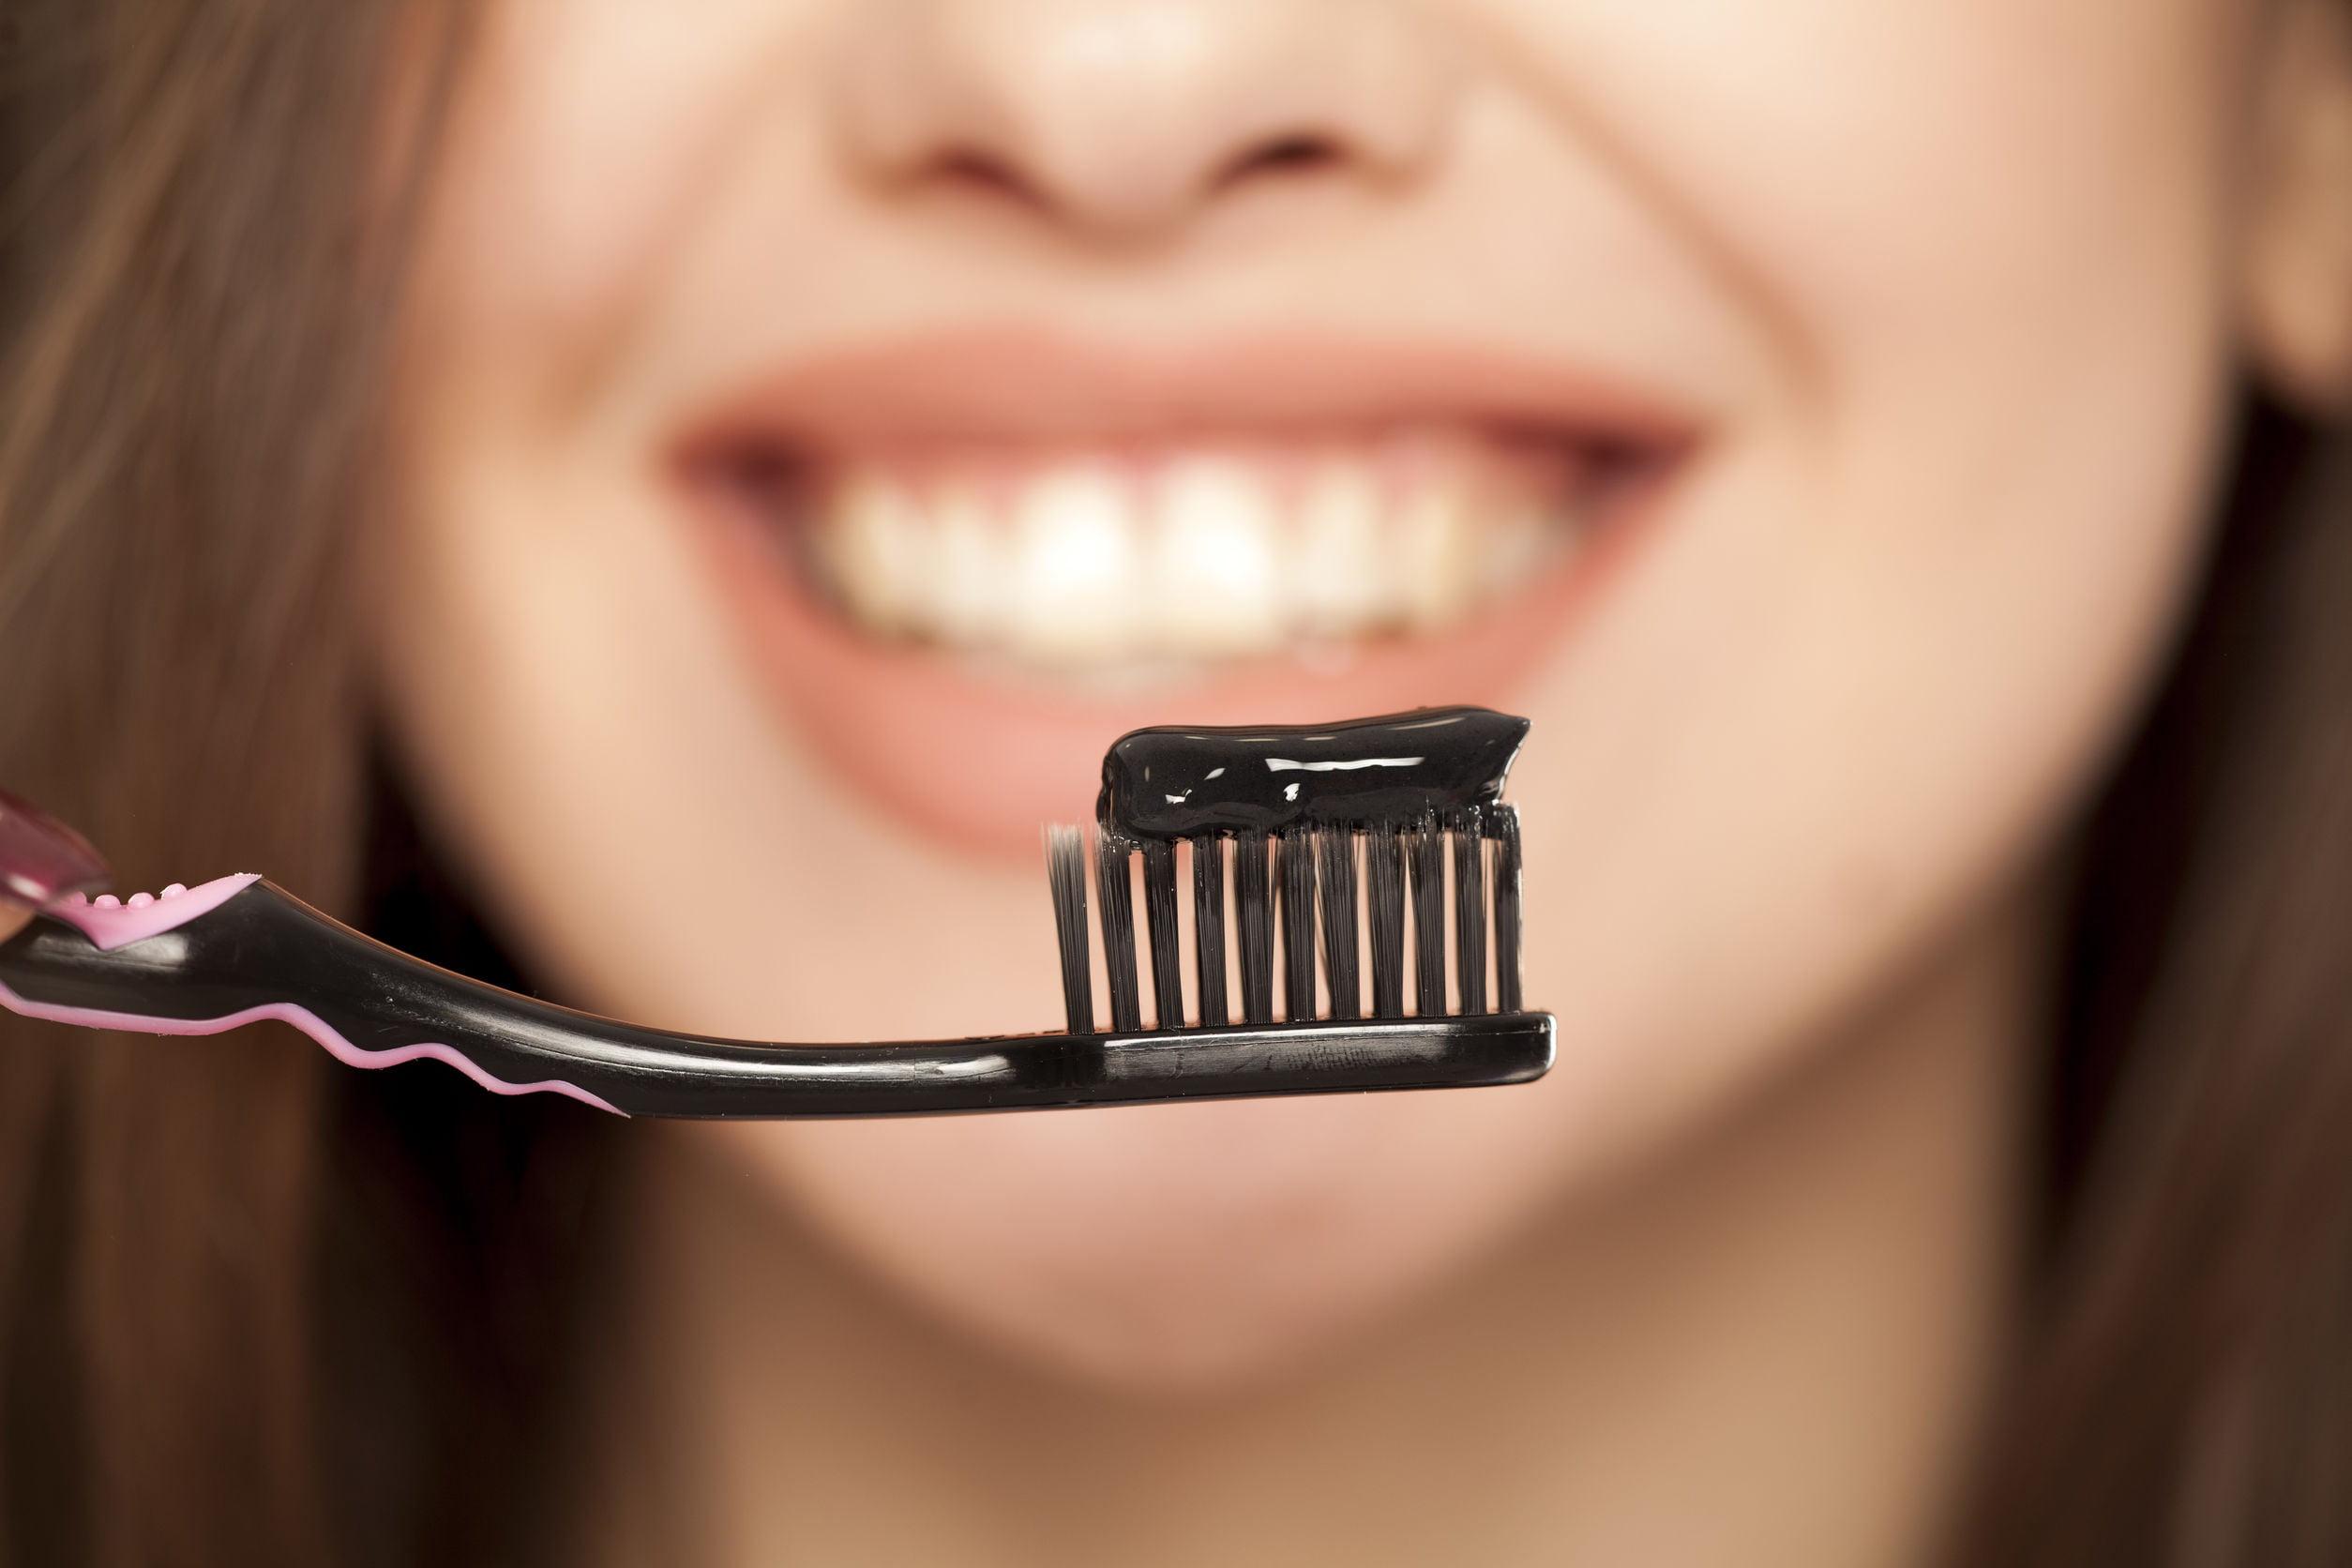 Tannkrem med aktivt kull til tannbleking